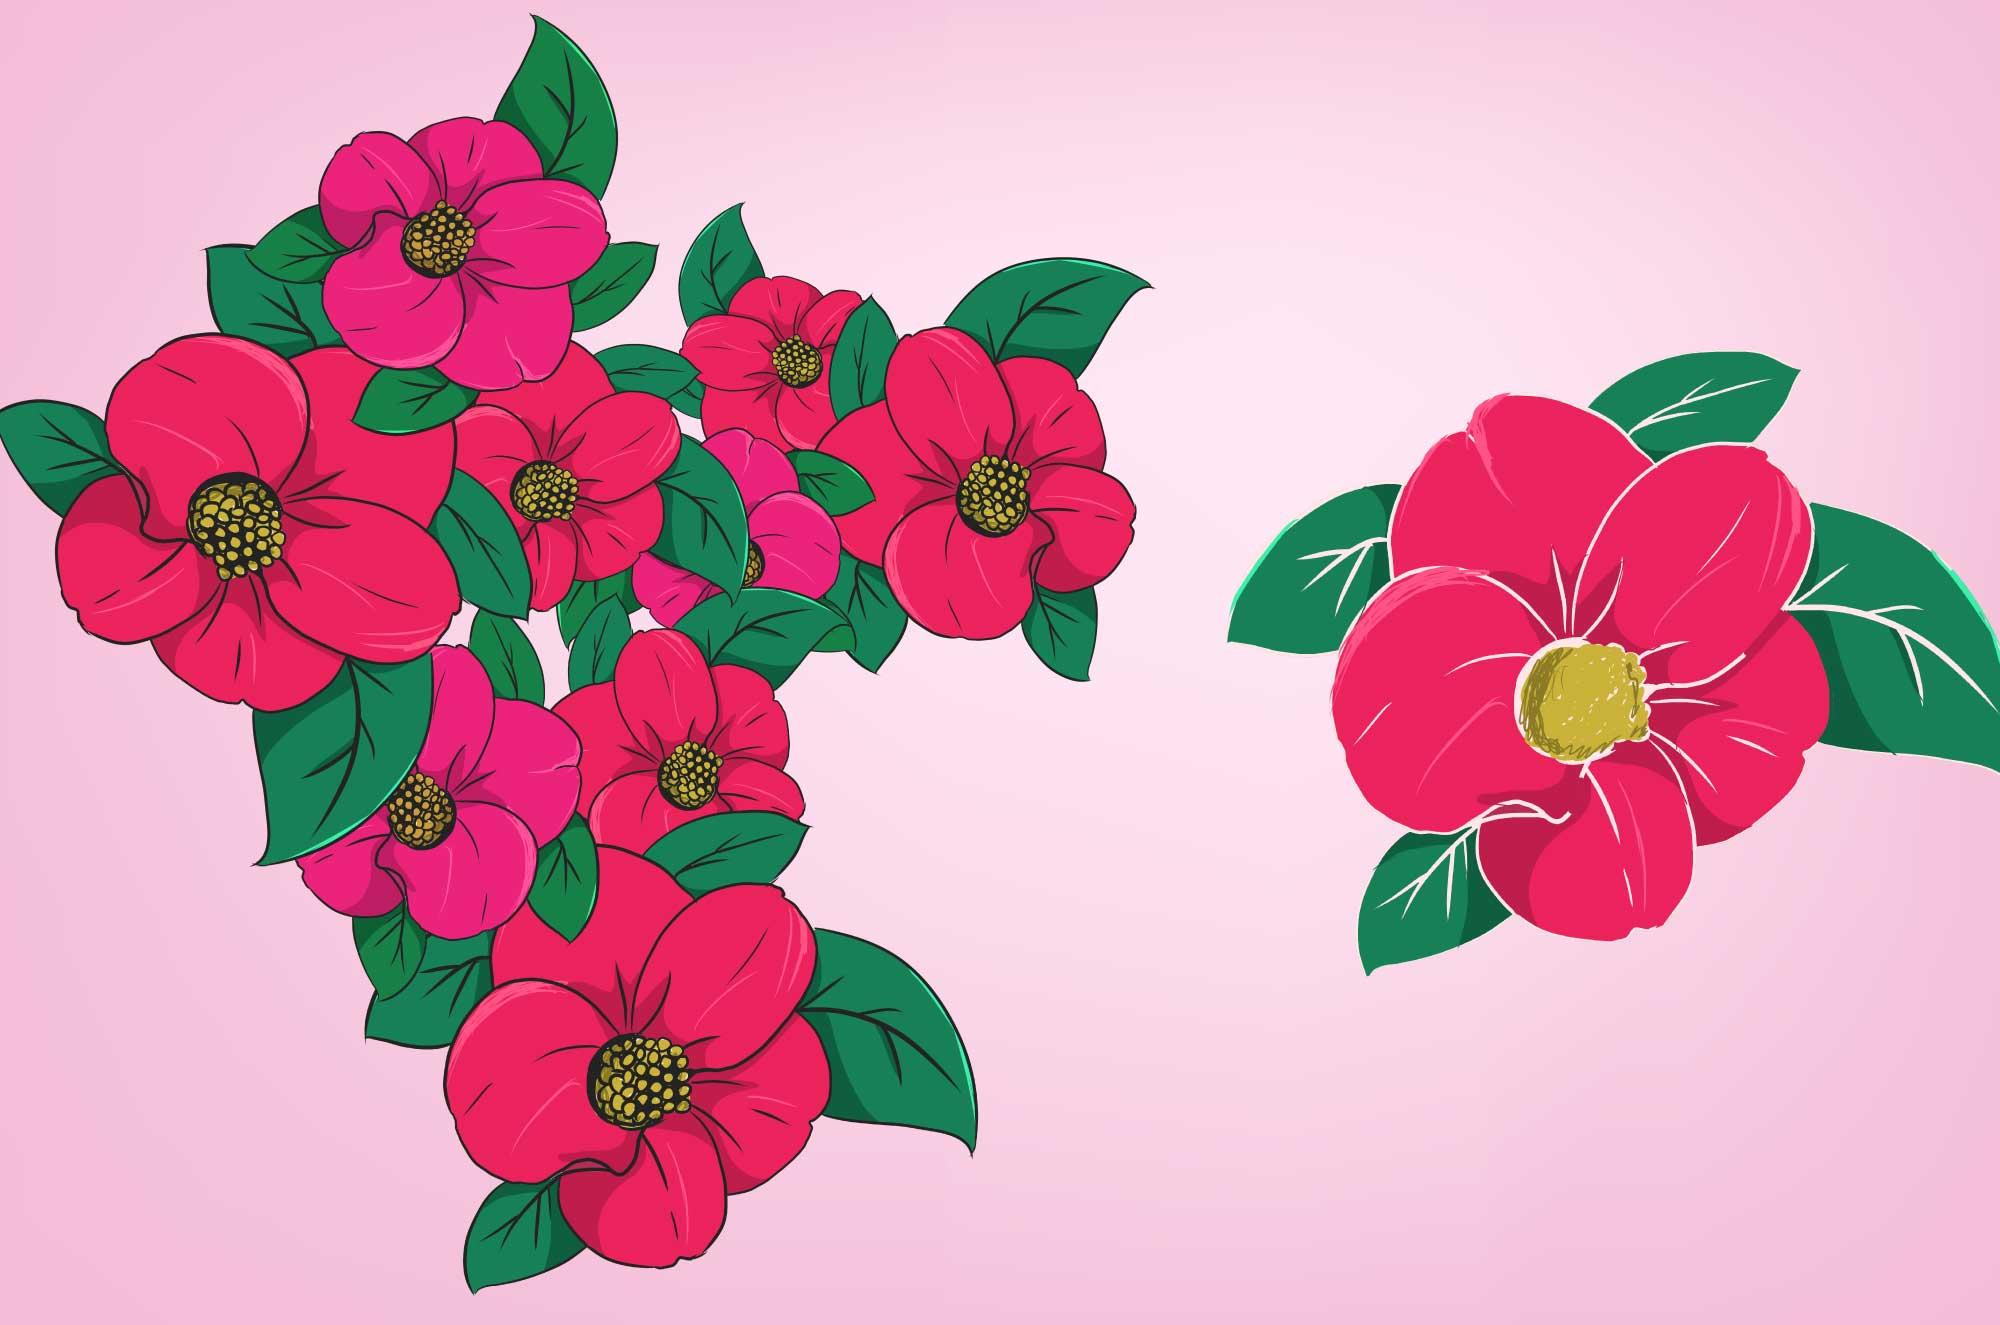 椿(ツバキ)の無料イラスト - 綺麗なお花のフリー素材